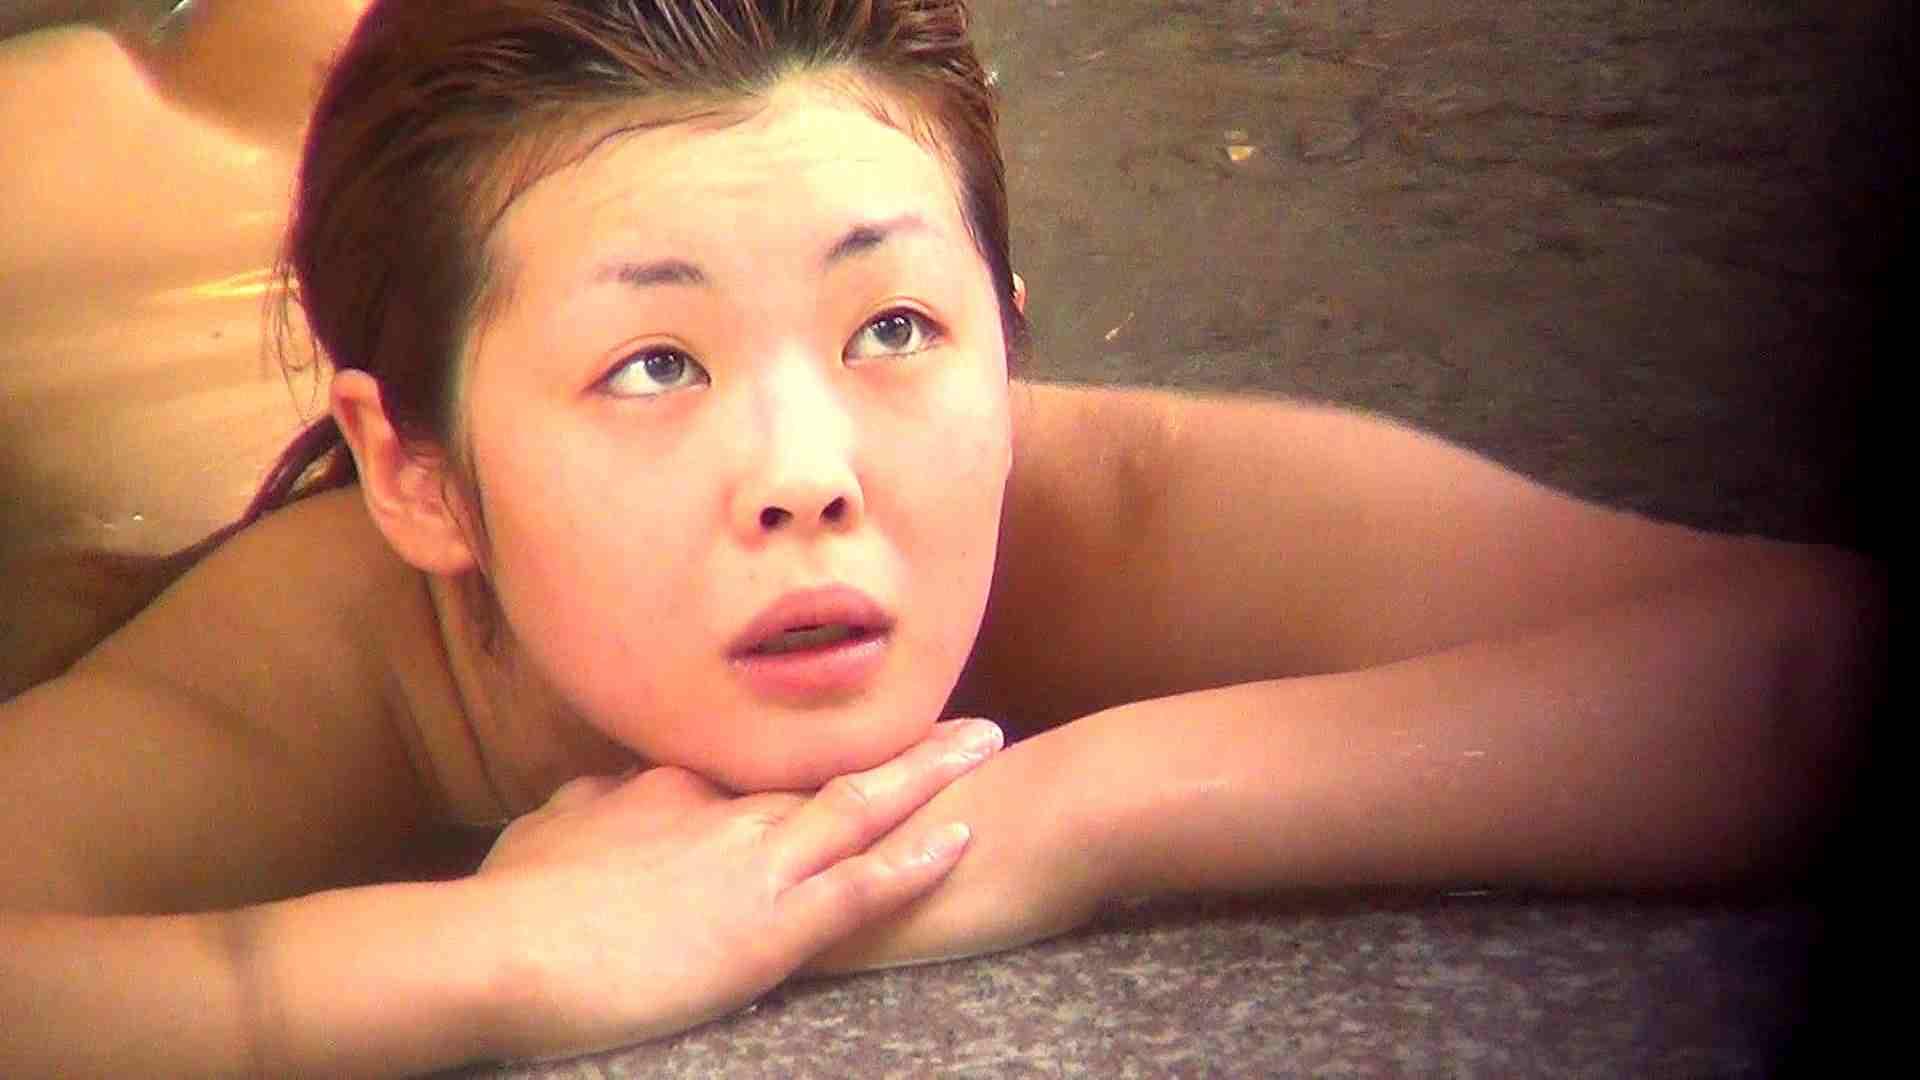 無修正エロ動画|Vol.58 美肌美乳美貌三拍子そろってます|怪盗ジョーカー